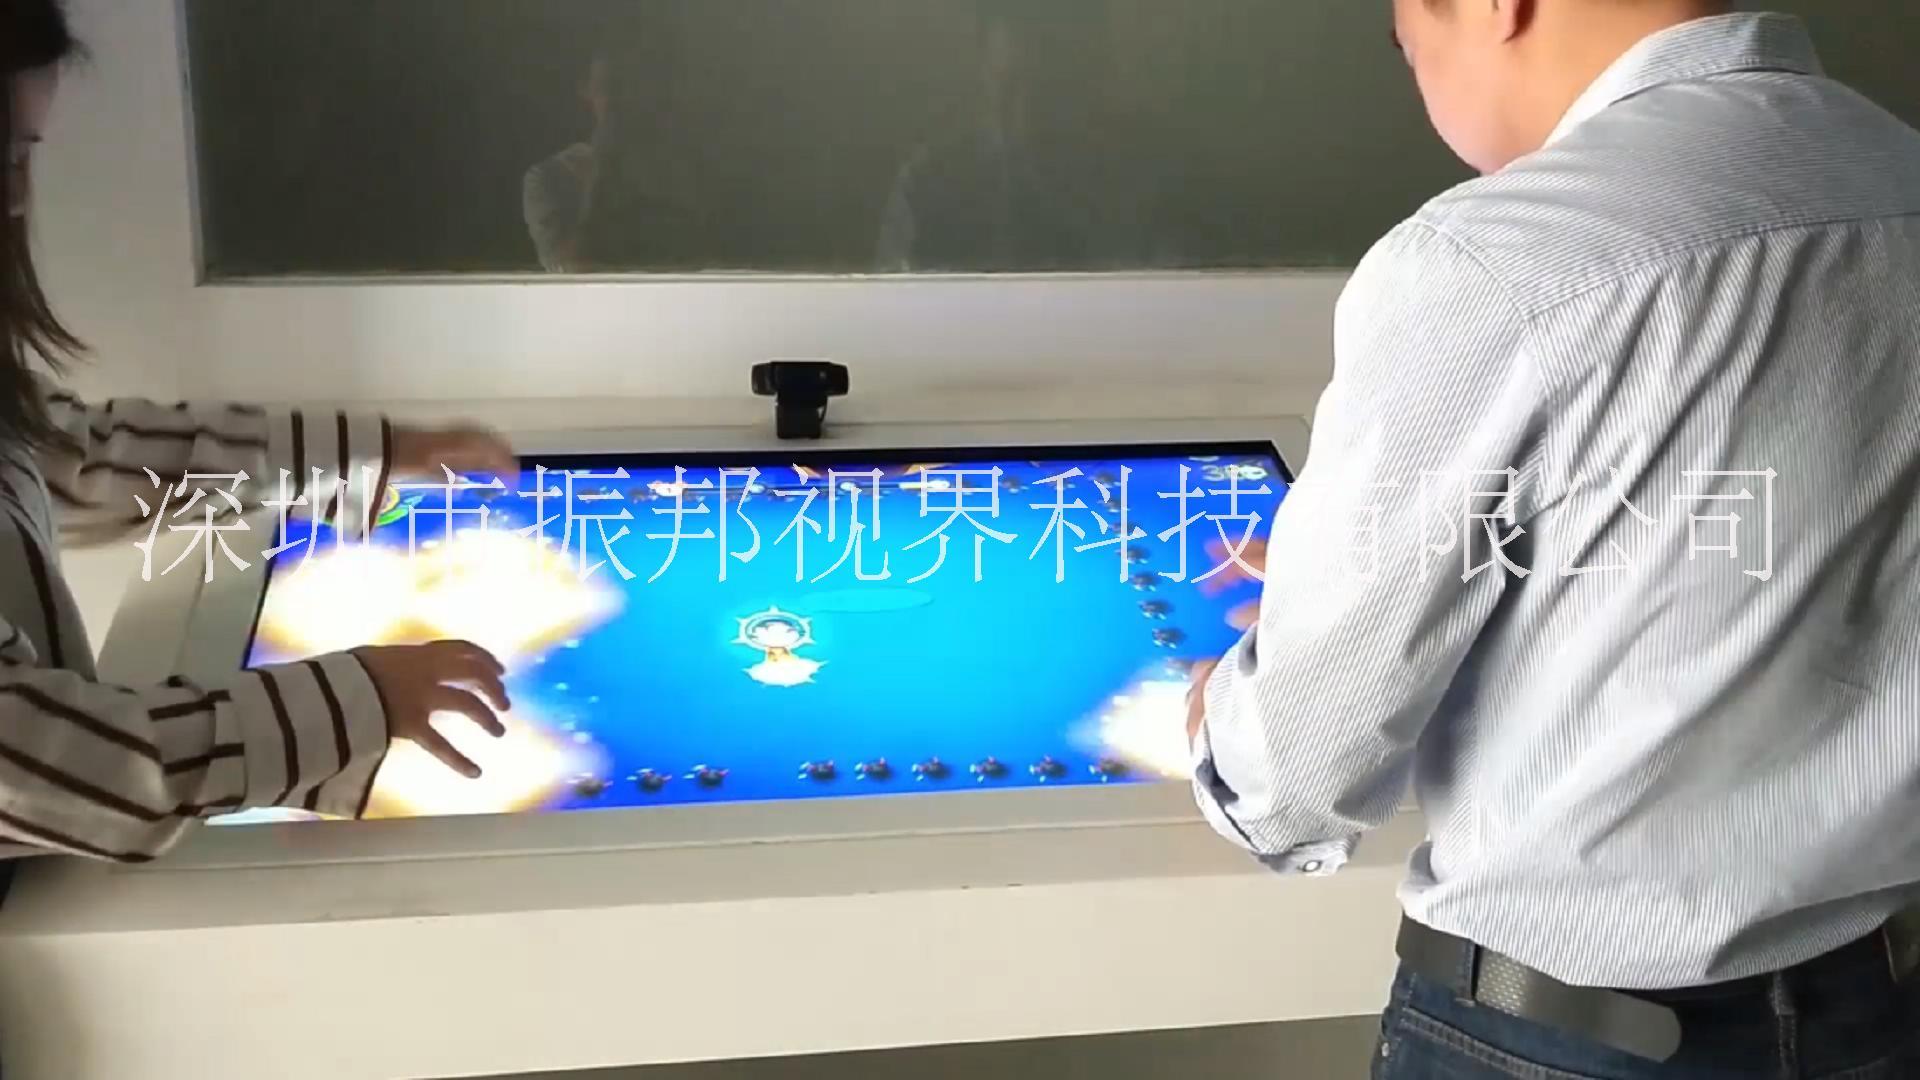 触控儿童游戏 触控拍拍乐 互动游戏 触控游戏